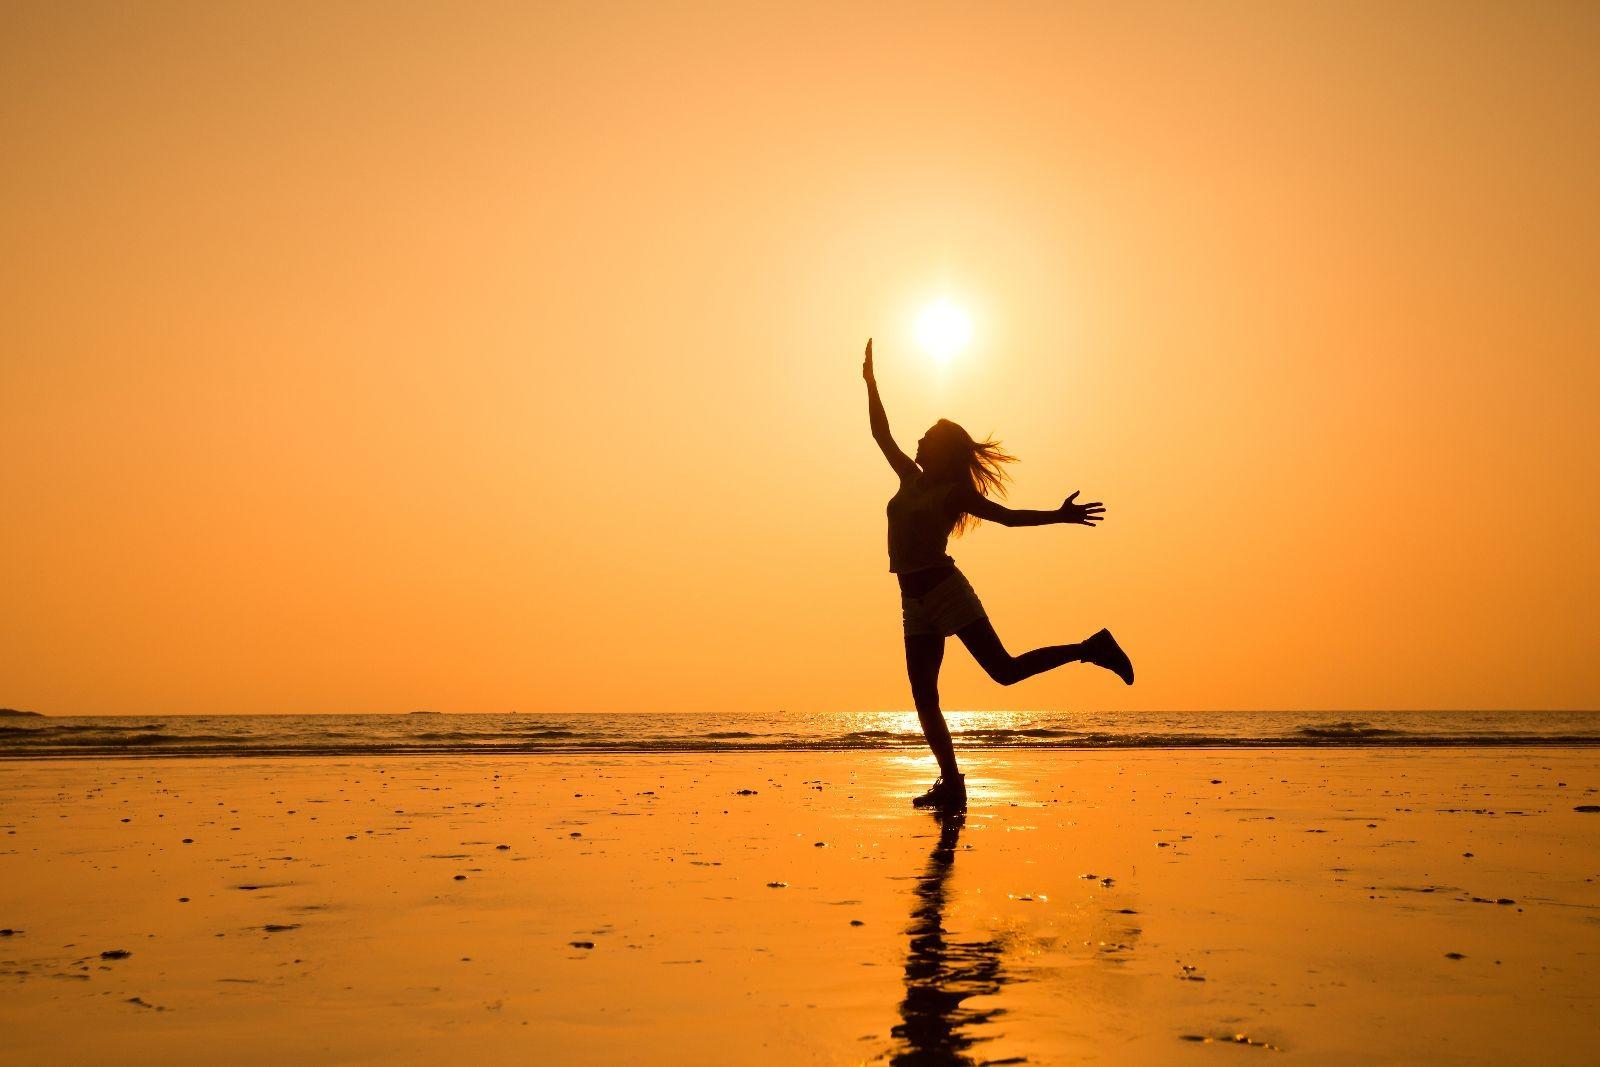 Silueta de una niña en una playa con un atardecer naranja